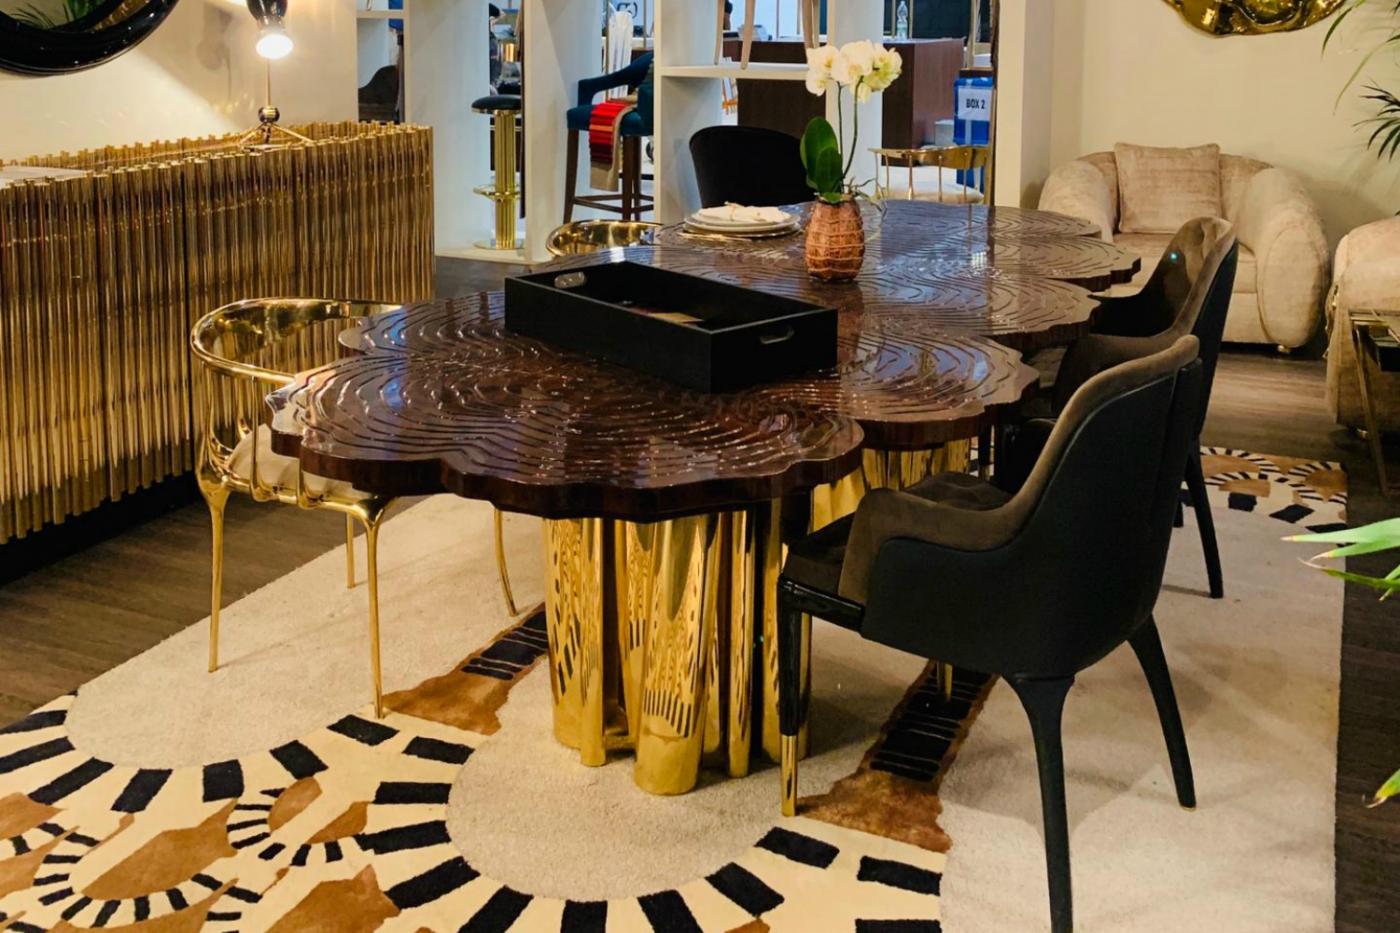 maison et objet 2019 Boca do Lobo's First Day at Maison et Objet 2019 – September Edition feature maison et objet 1400x933